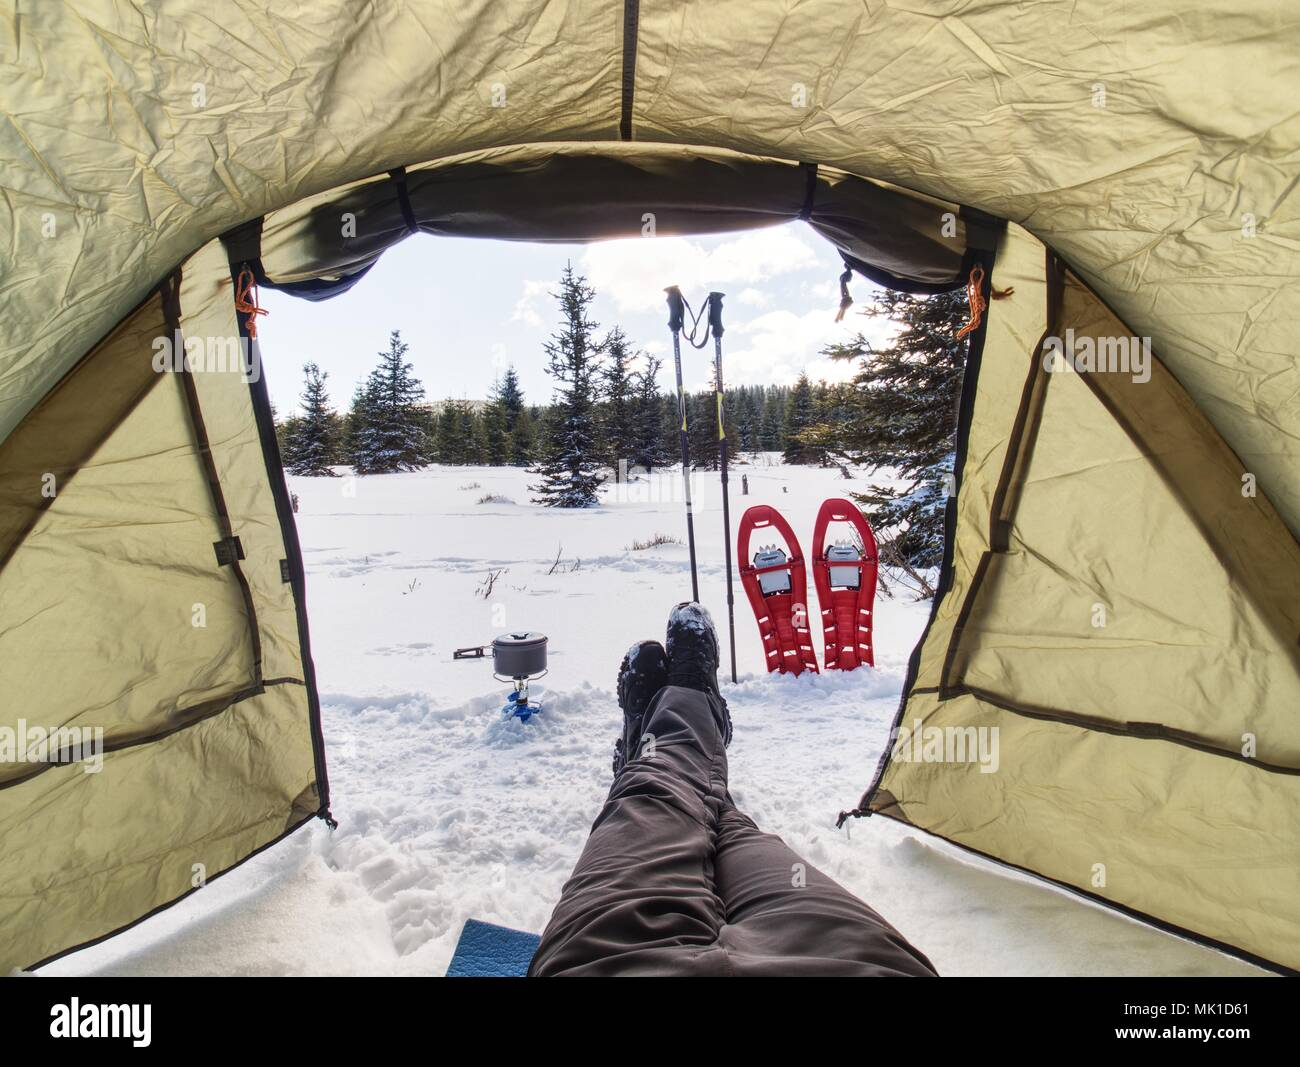 Kochen vor dem Zelt im Schnee. Wanderer Camping im Winter Berge. Mann Kochen mit portablen Gaskocher und leichte Gerichte. Brennendes Gas Herd ein Stockbild